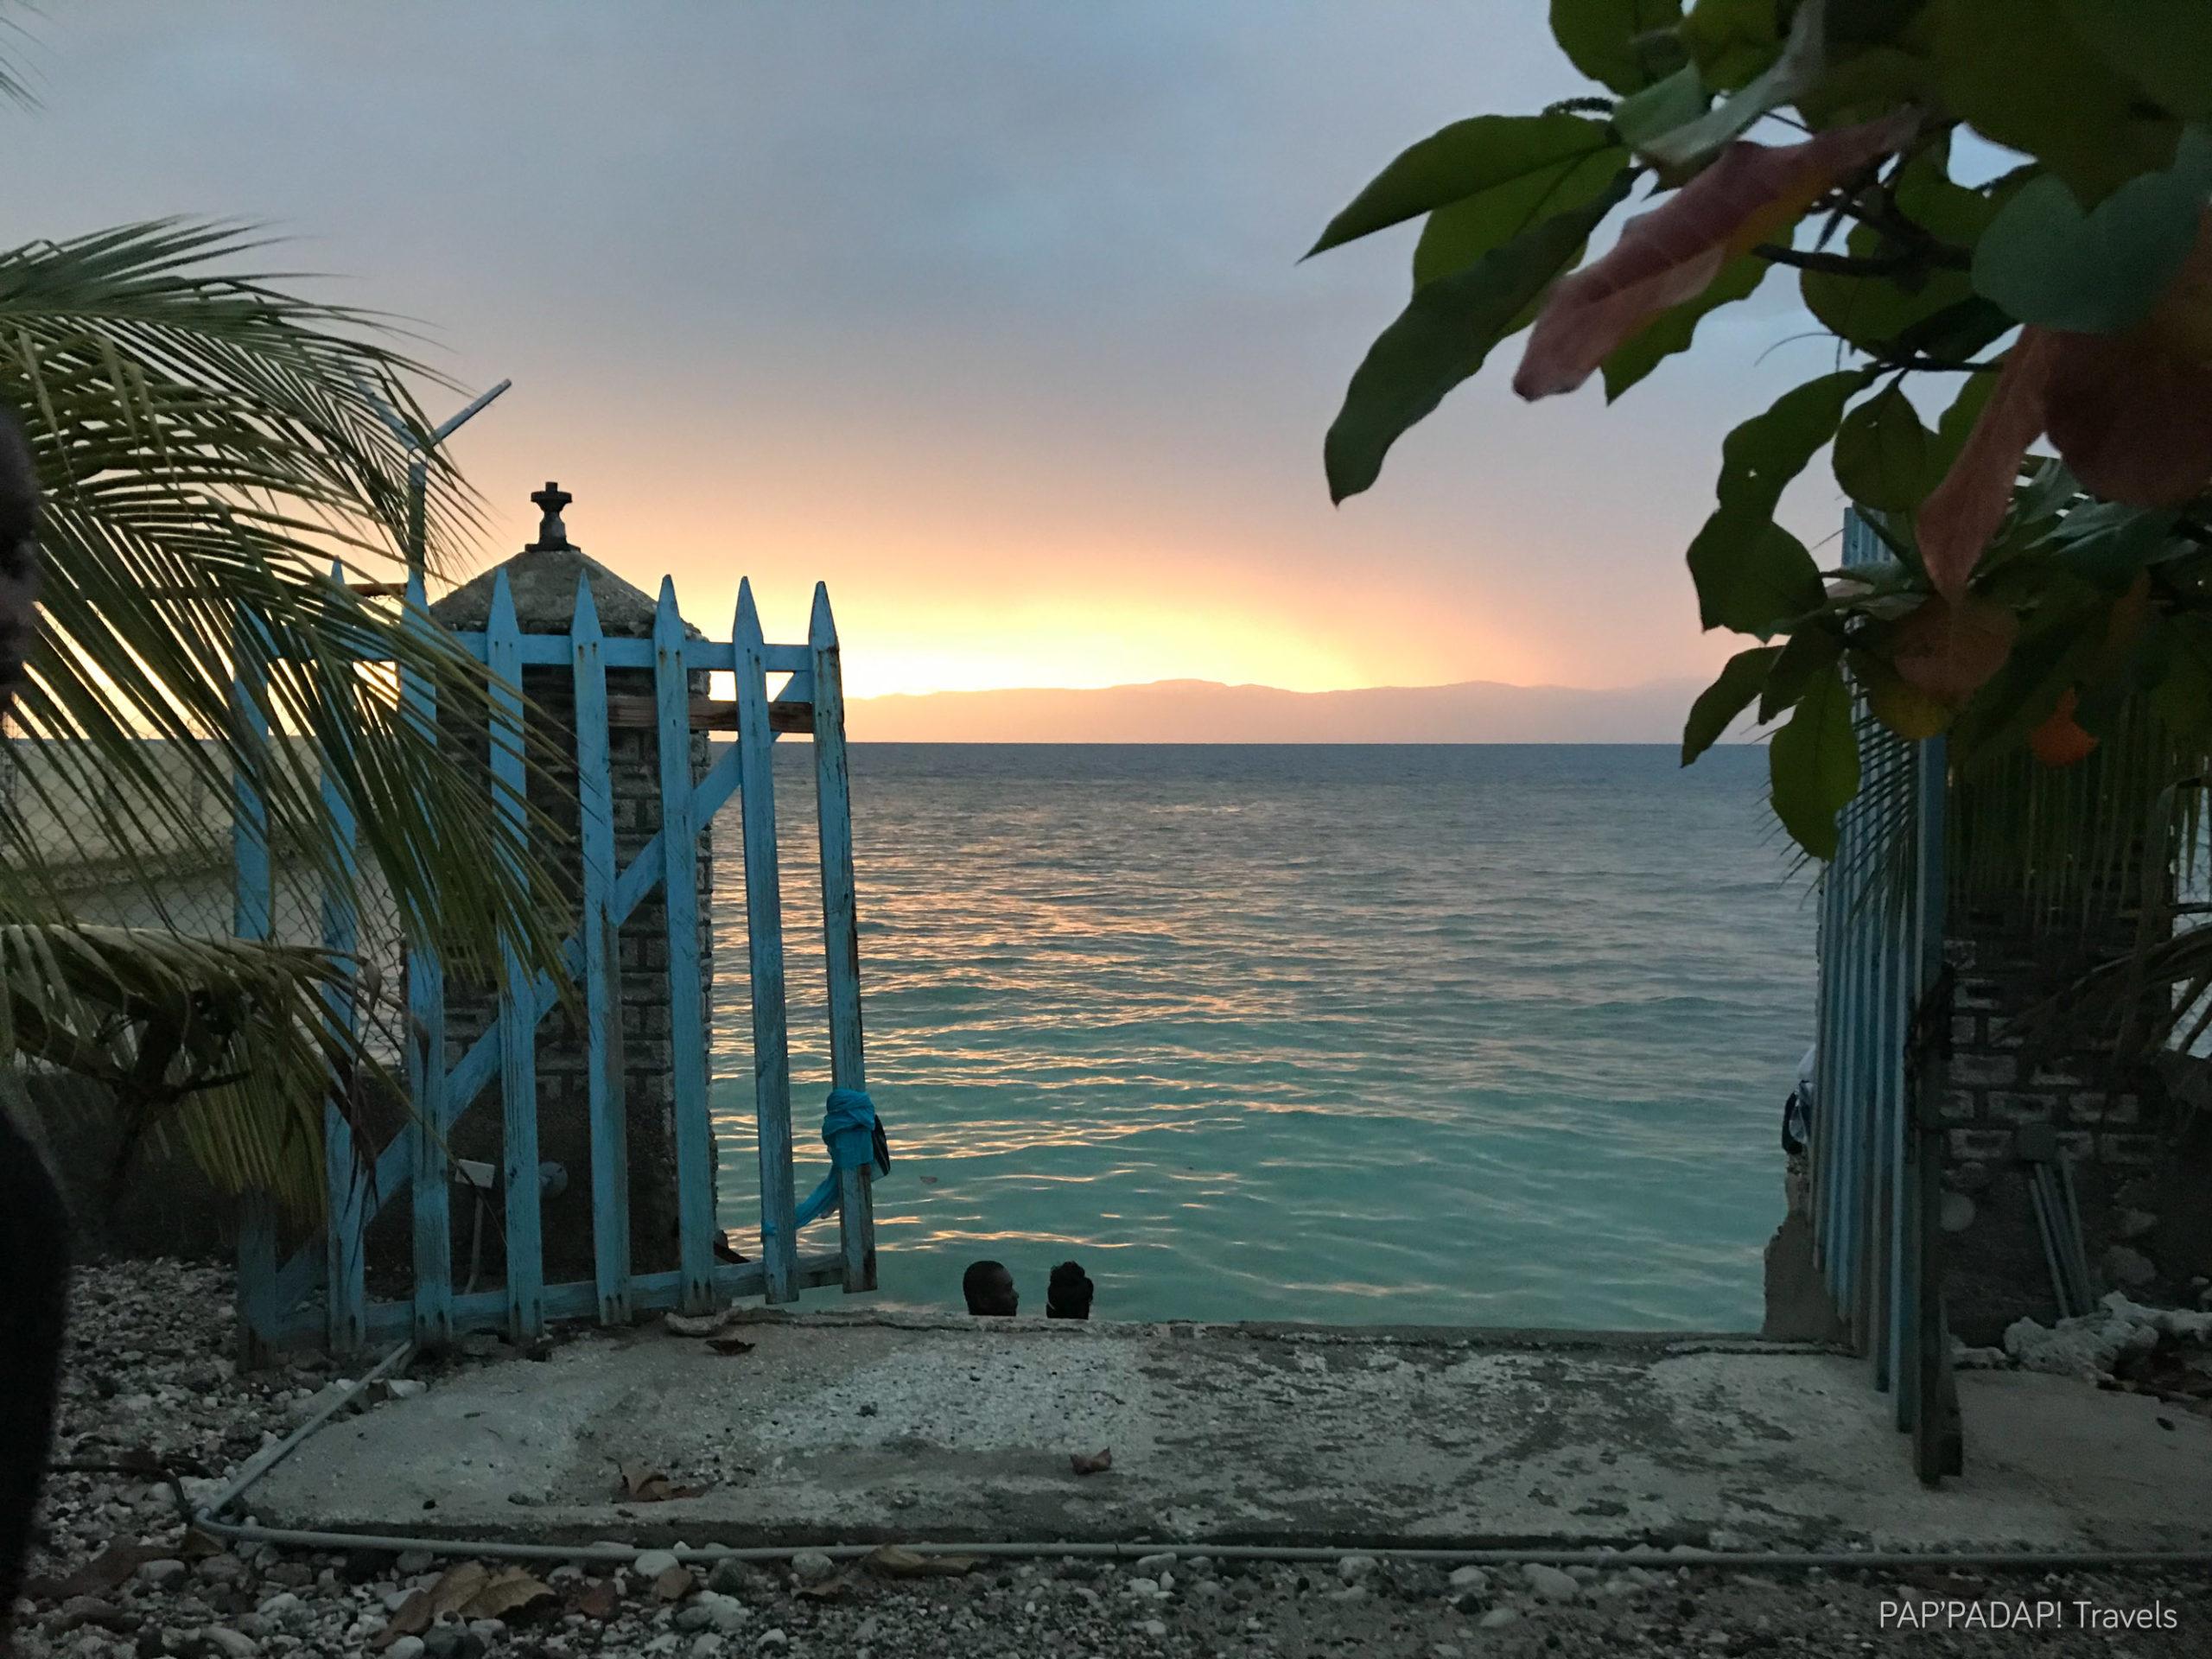 Vendeurs de tableau - Plage Raymond les bains - Sud Est - Haiti